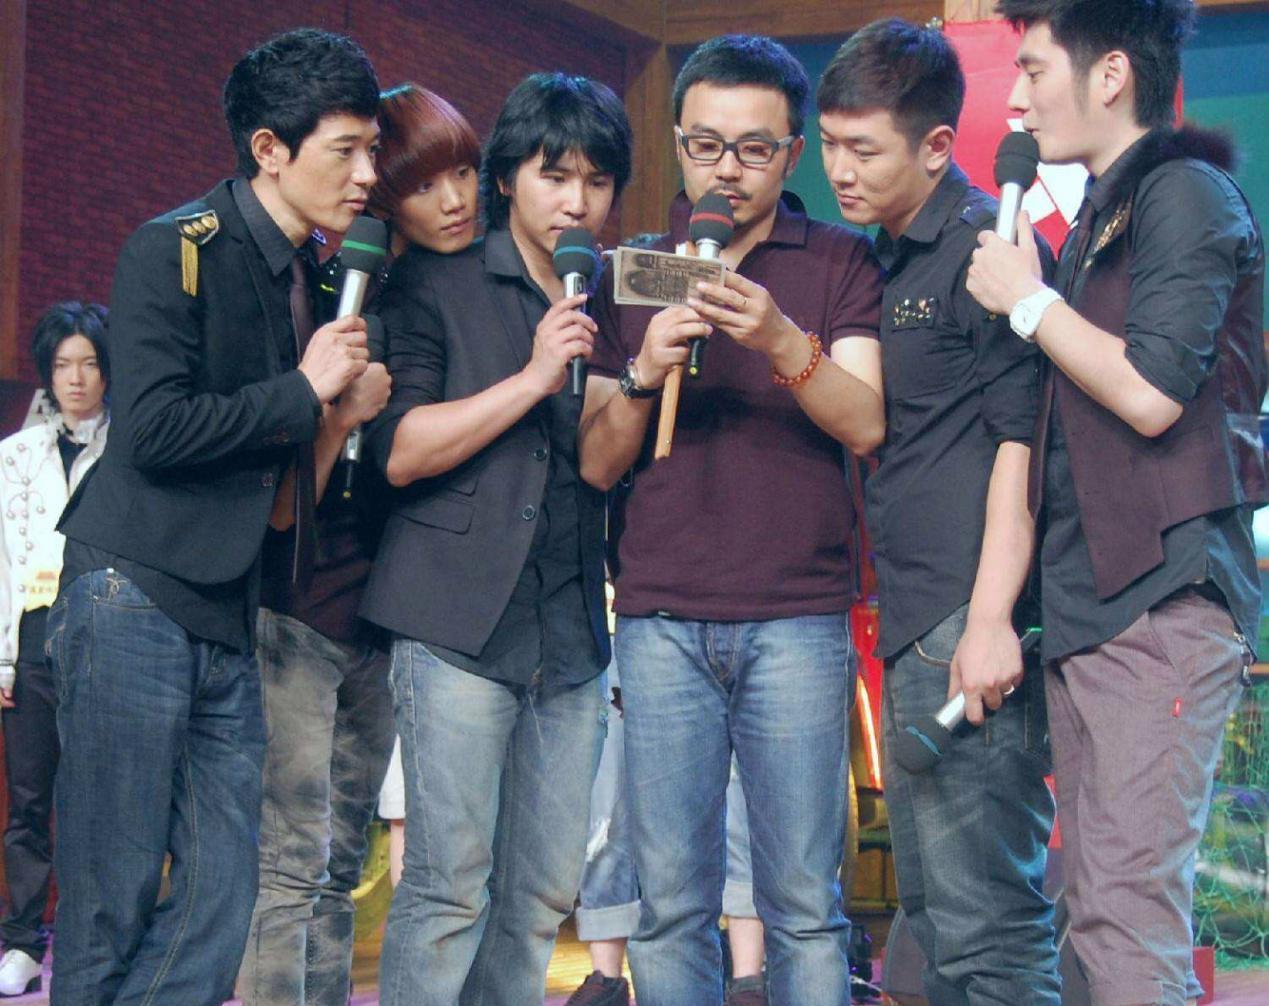 《天天向上》开播十周年,为何湖南卫视两大综艺至今还